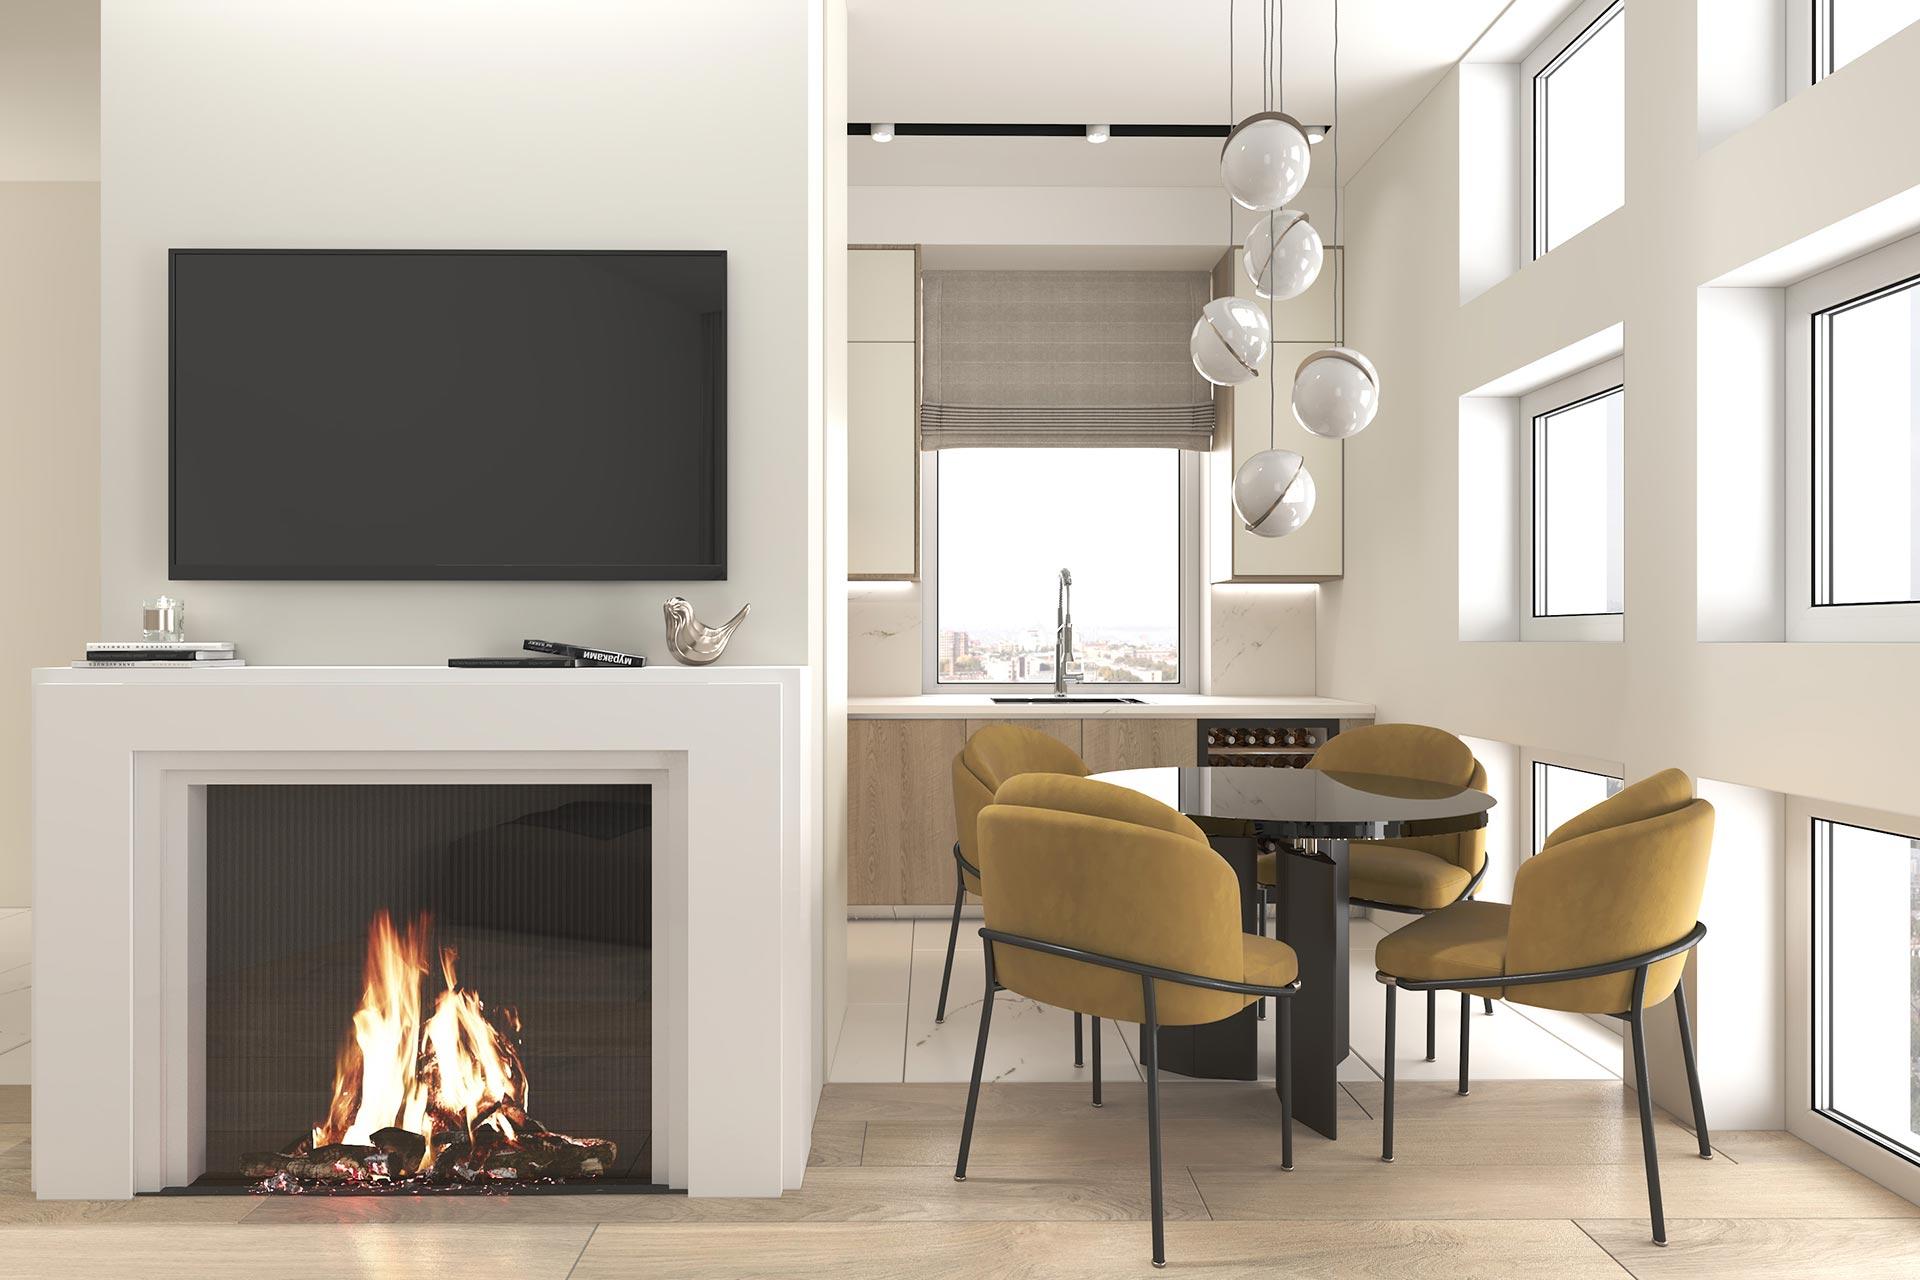 Дизайн интерьера квартиры в ЖК Голландский дом | В стиле минимализм